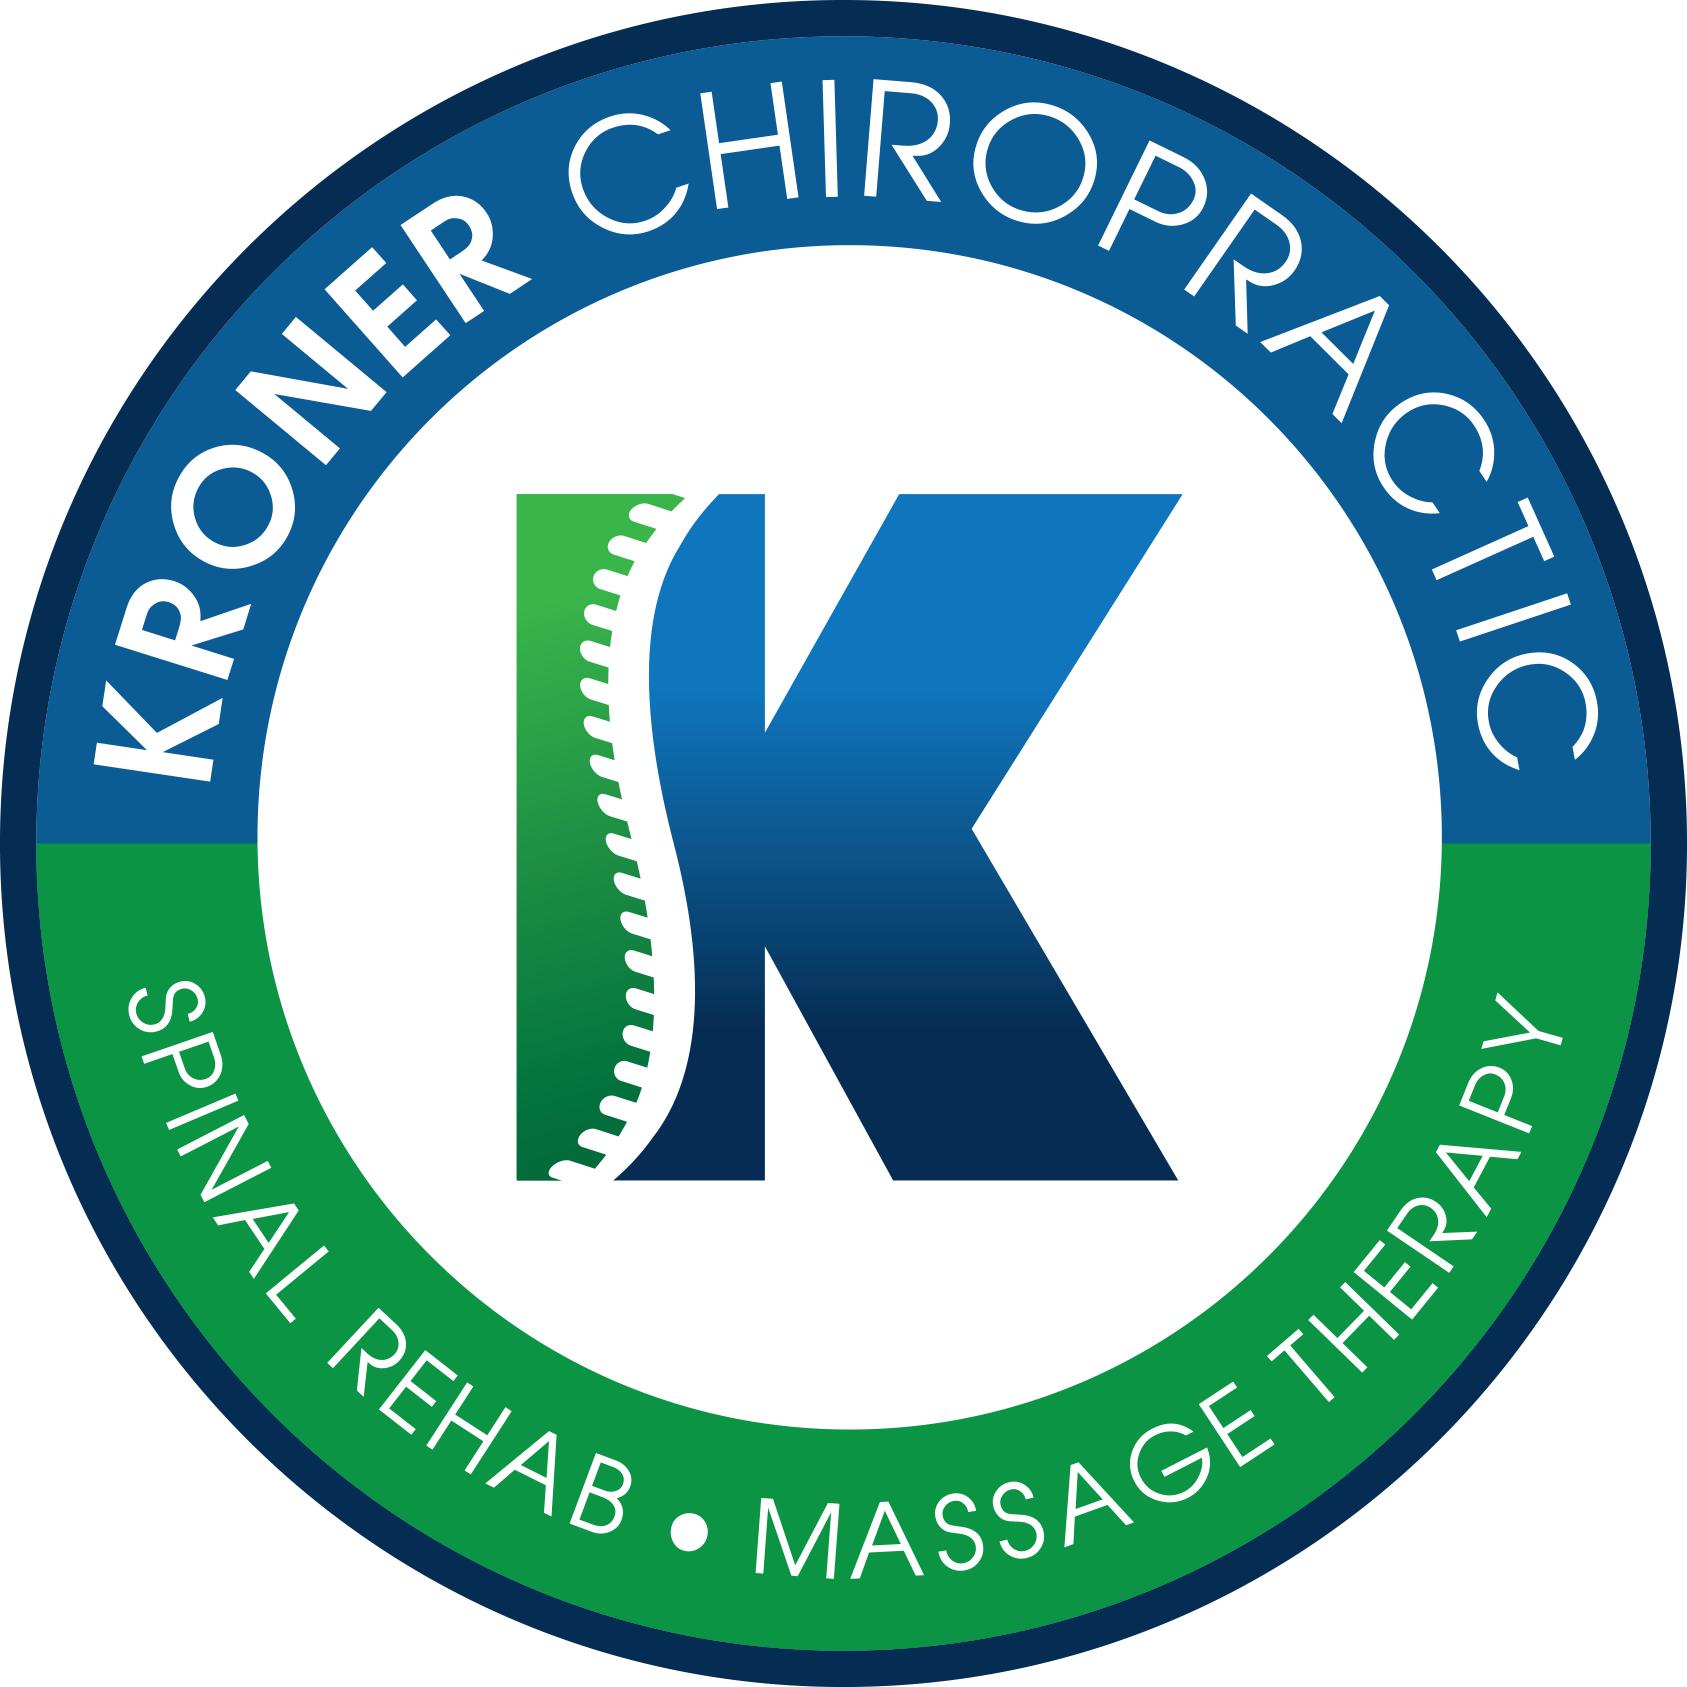 Kroner Chiropractic